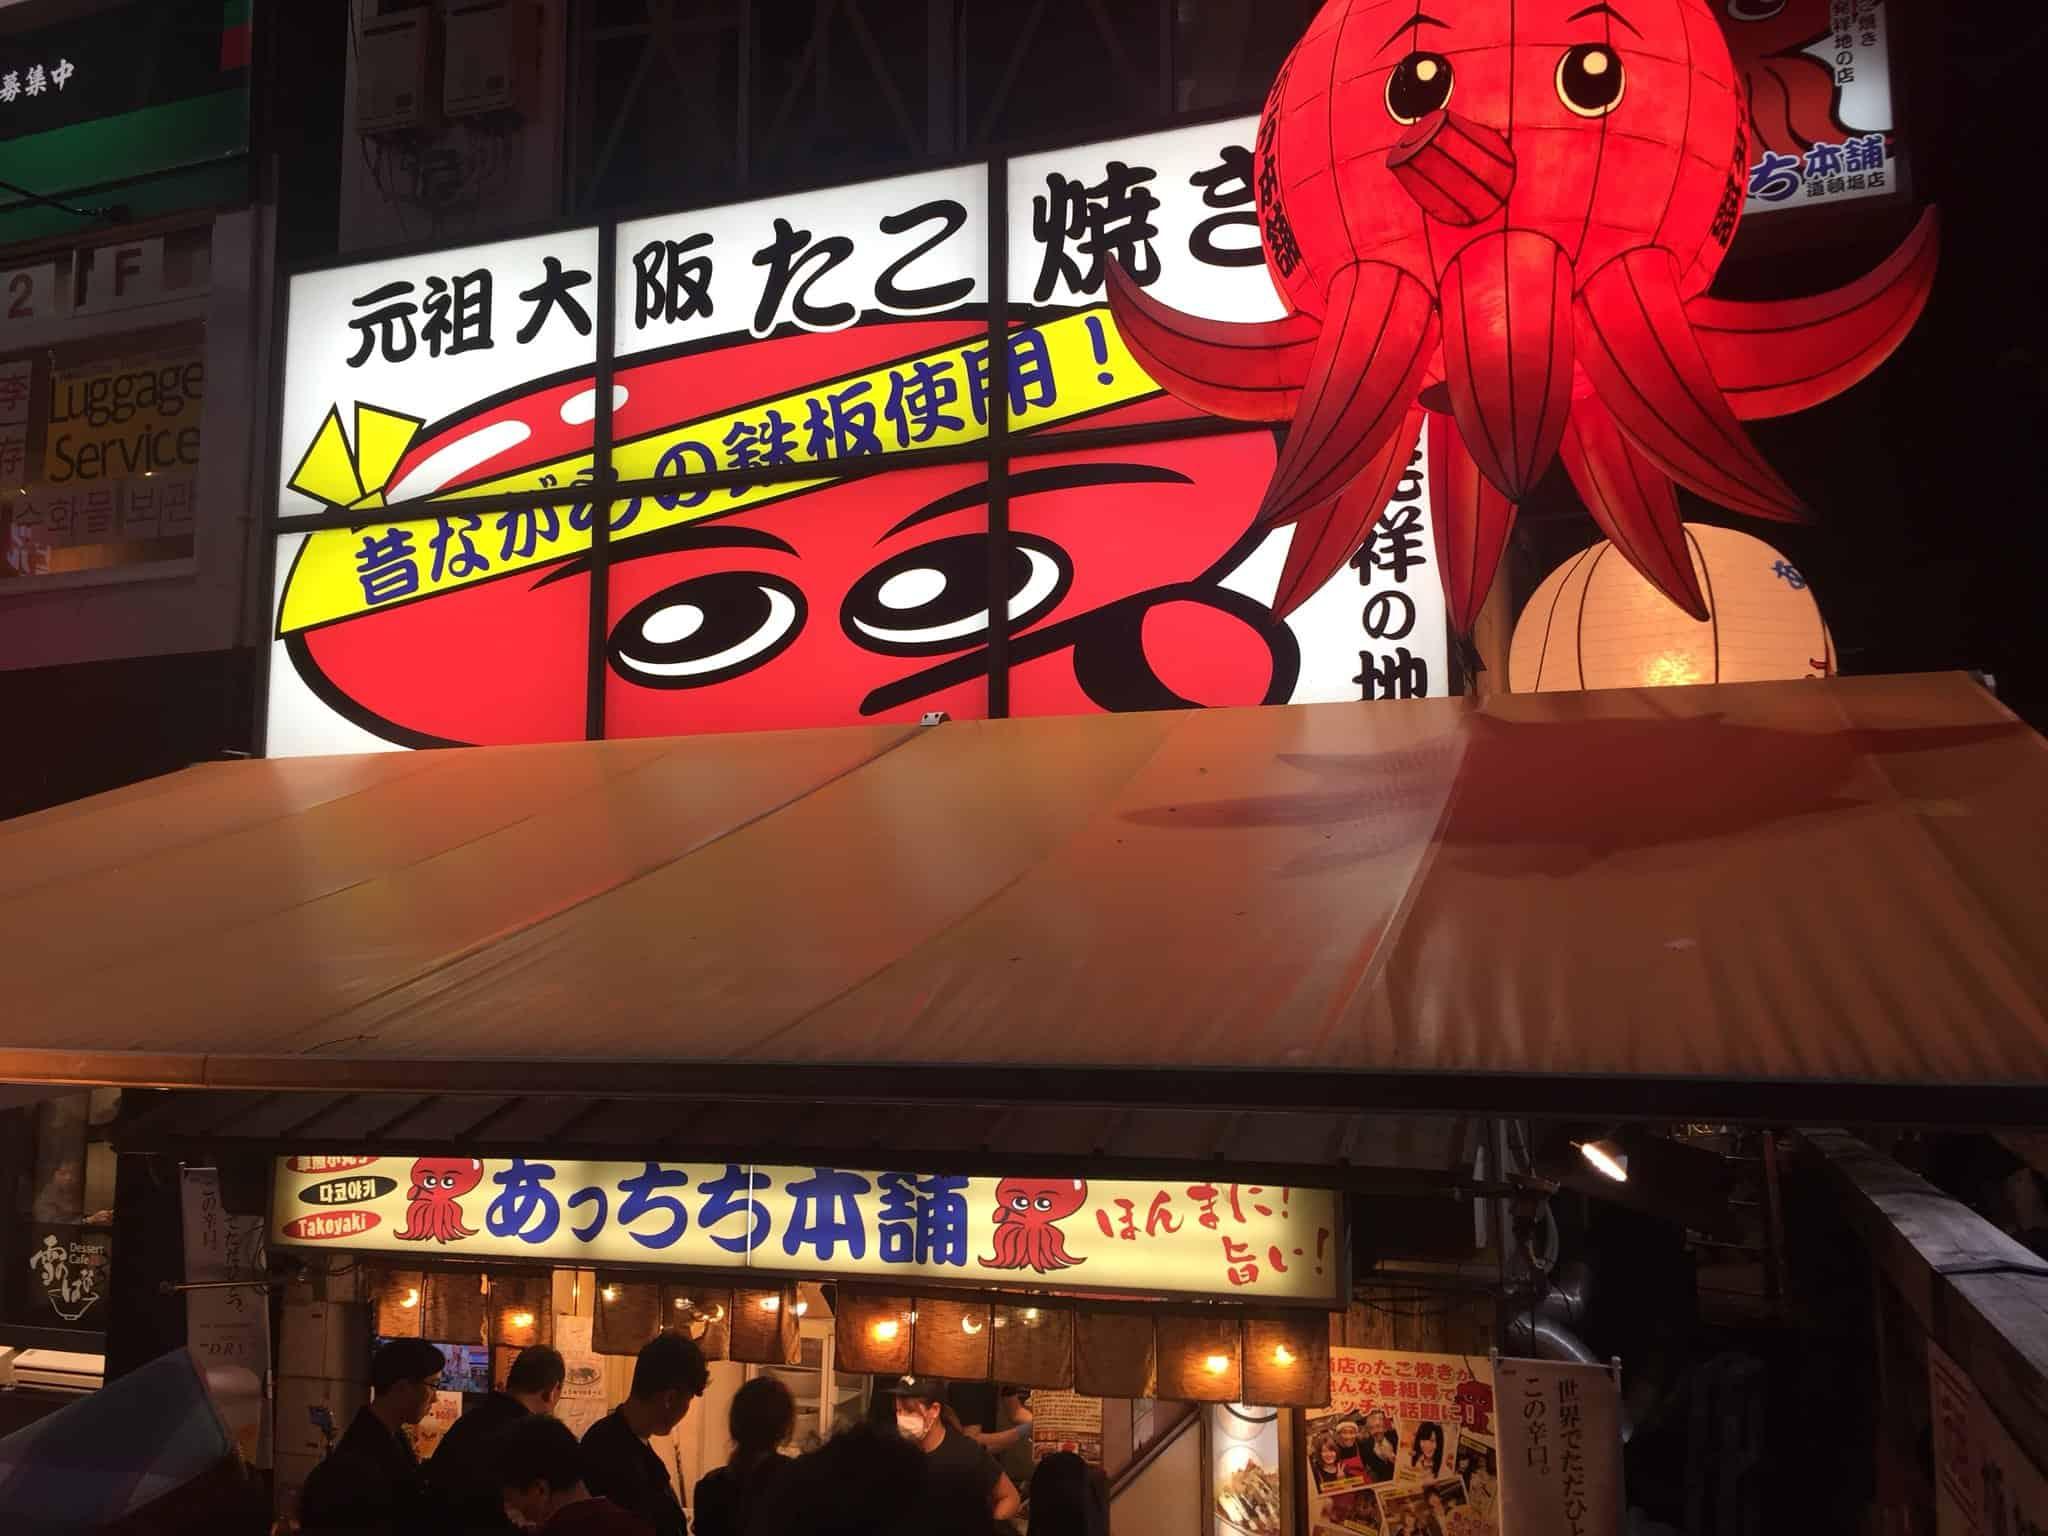 ร้านทาโกยากิ โอซาก้า : Atchichi Hompo Dotonbori-ten